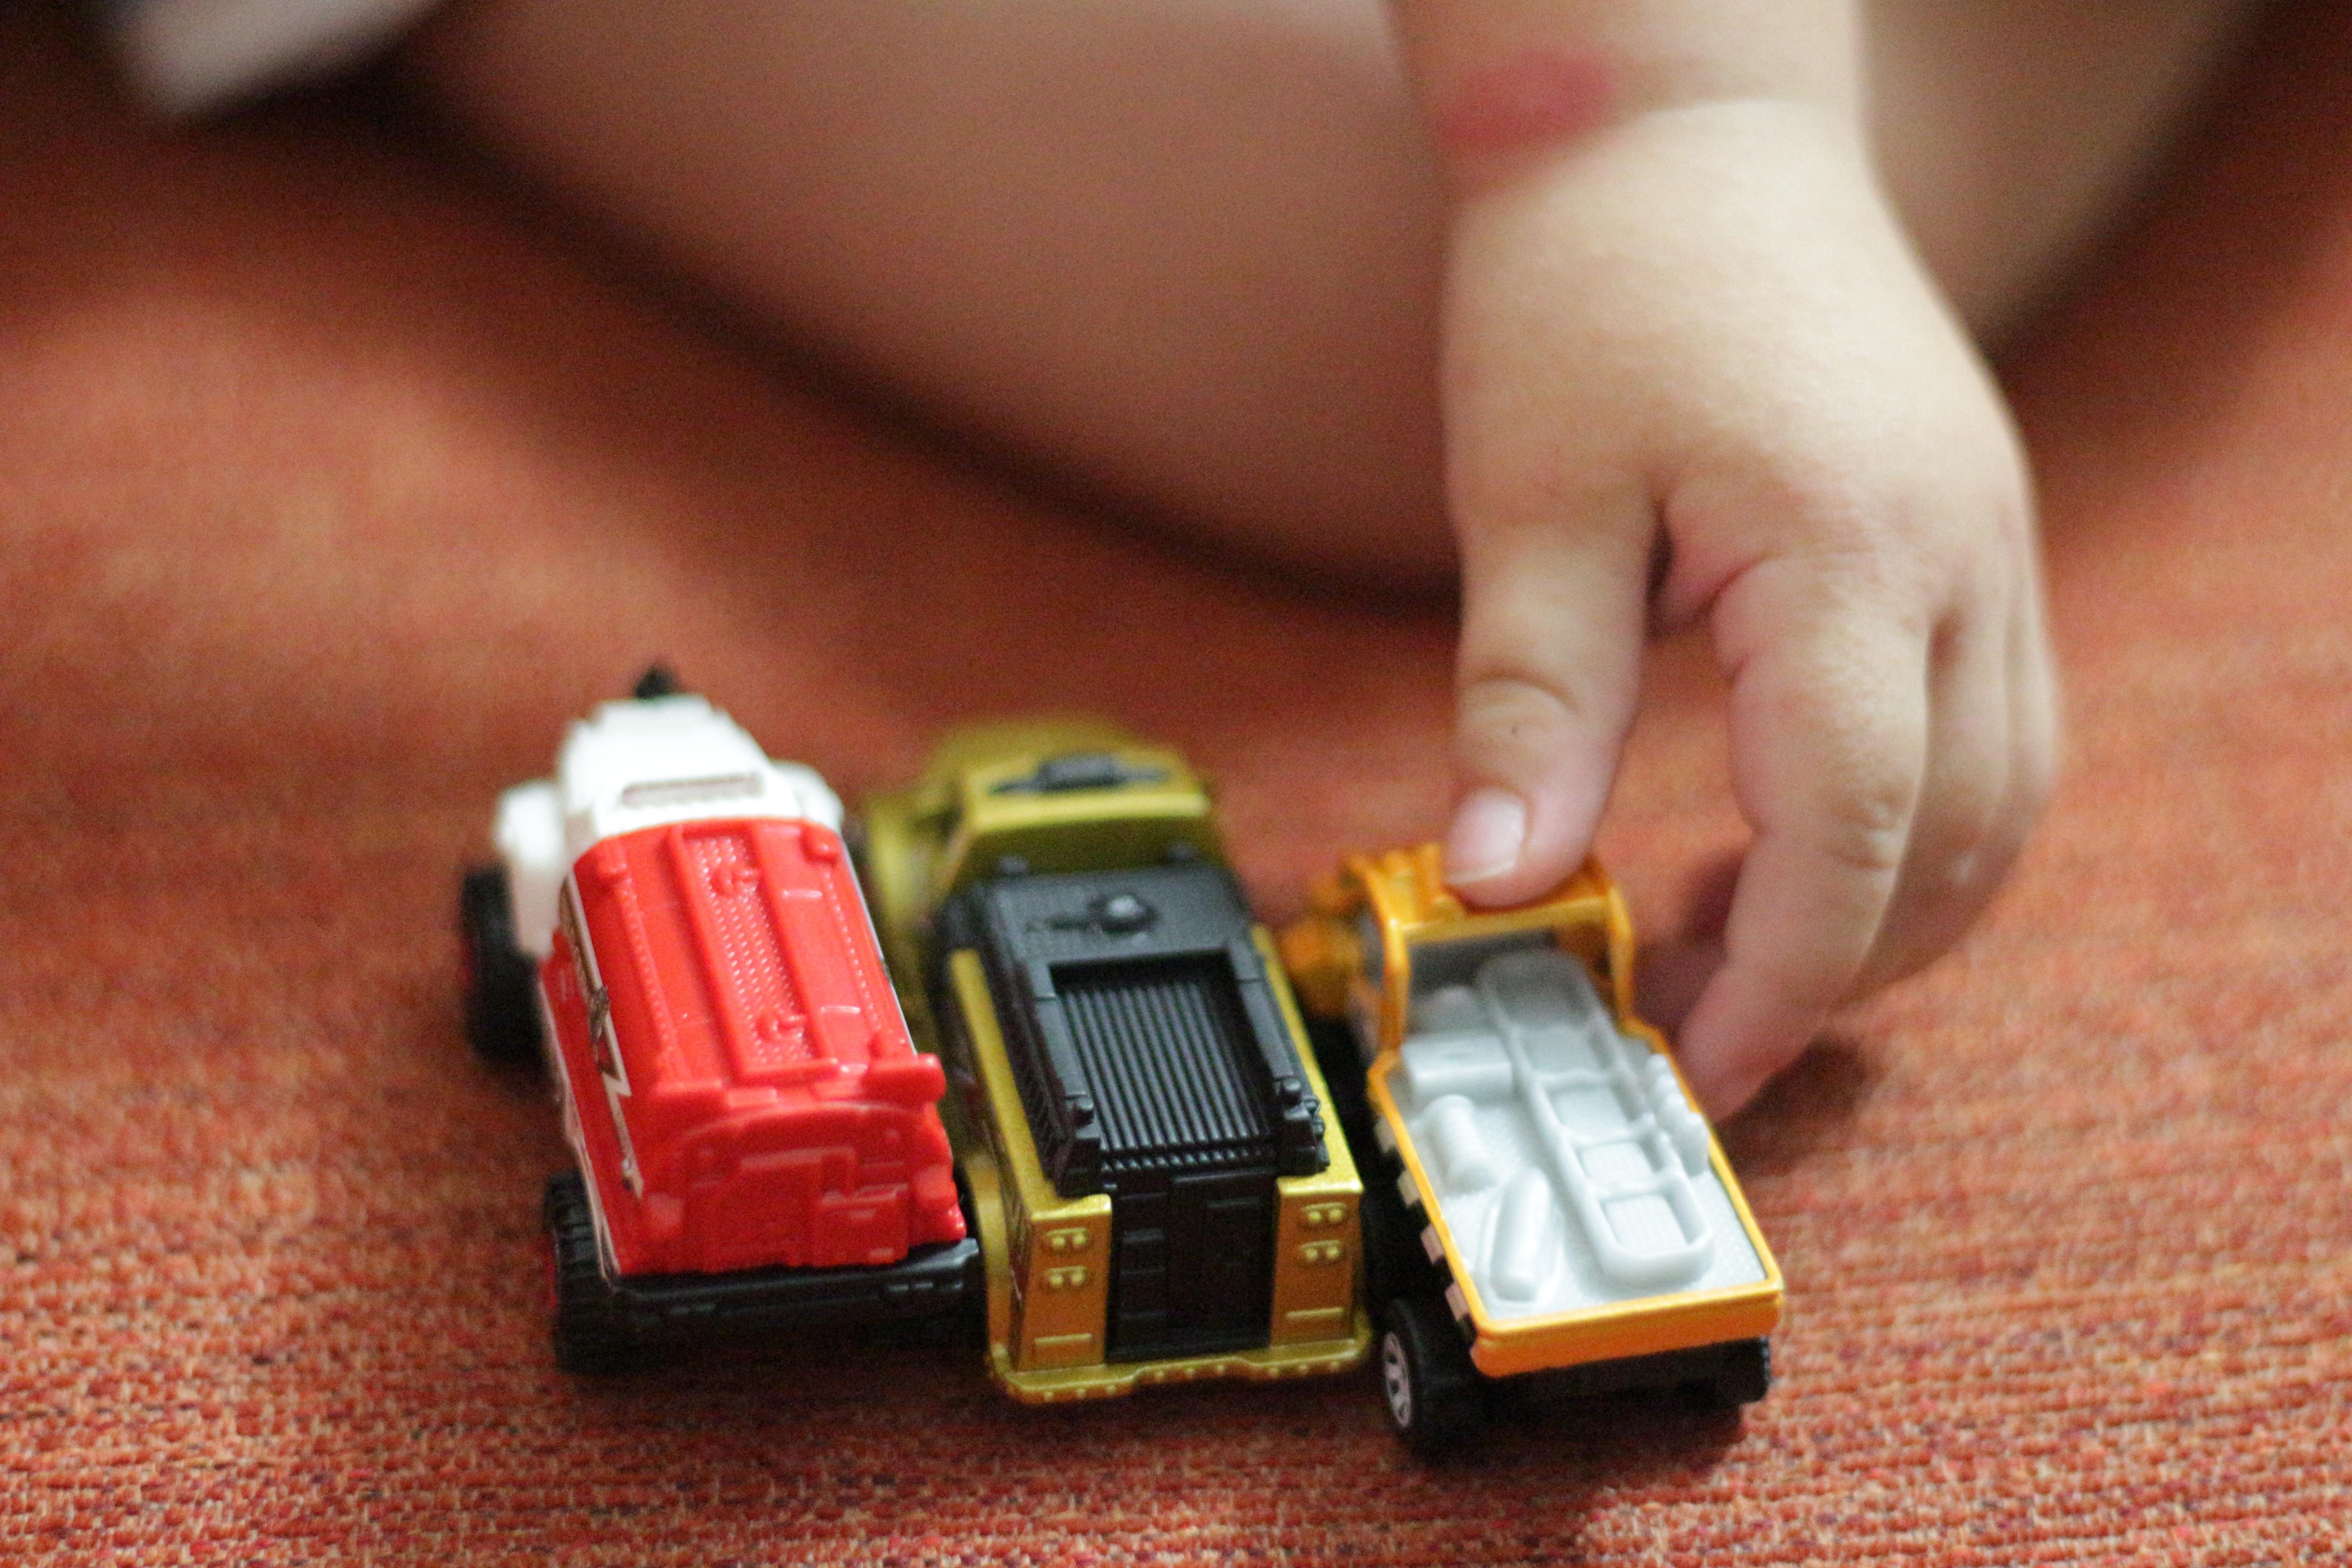 Gambar Menonton Teknologi Permainan Jari Merah Alat Telepon Koleksi Mainan Anak Tangan Genggam Mobil Perangkat Komunikasi Portabel